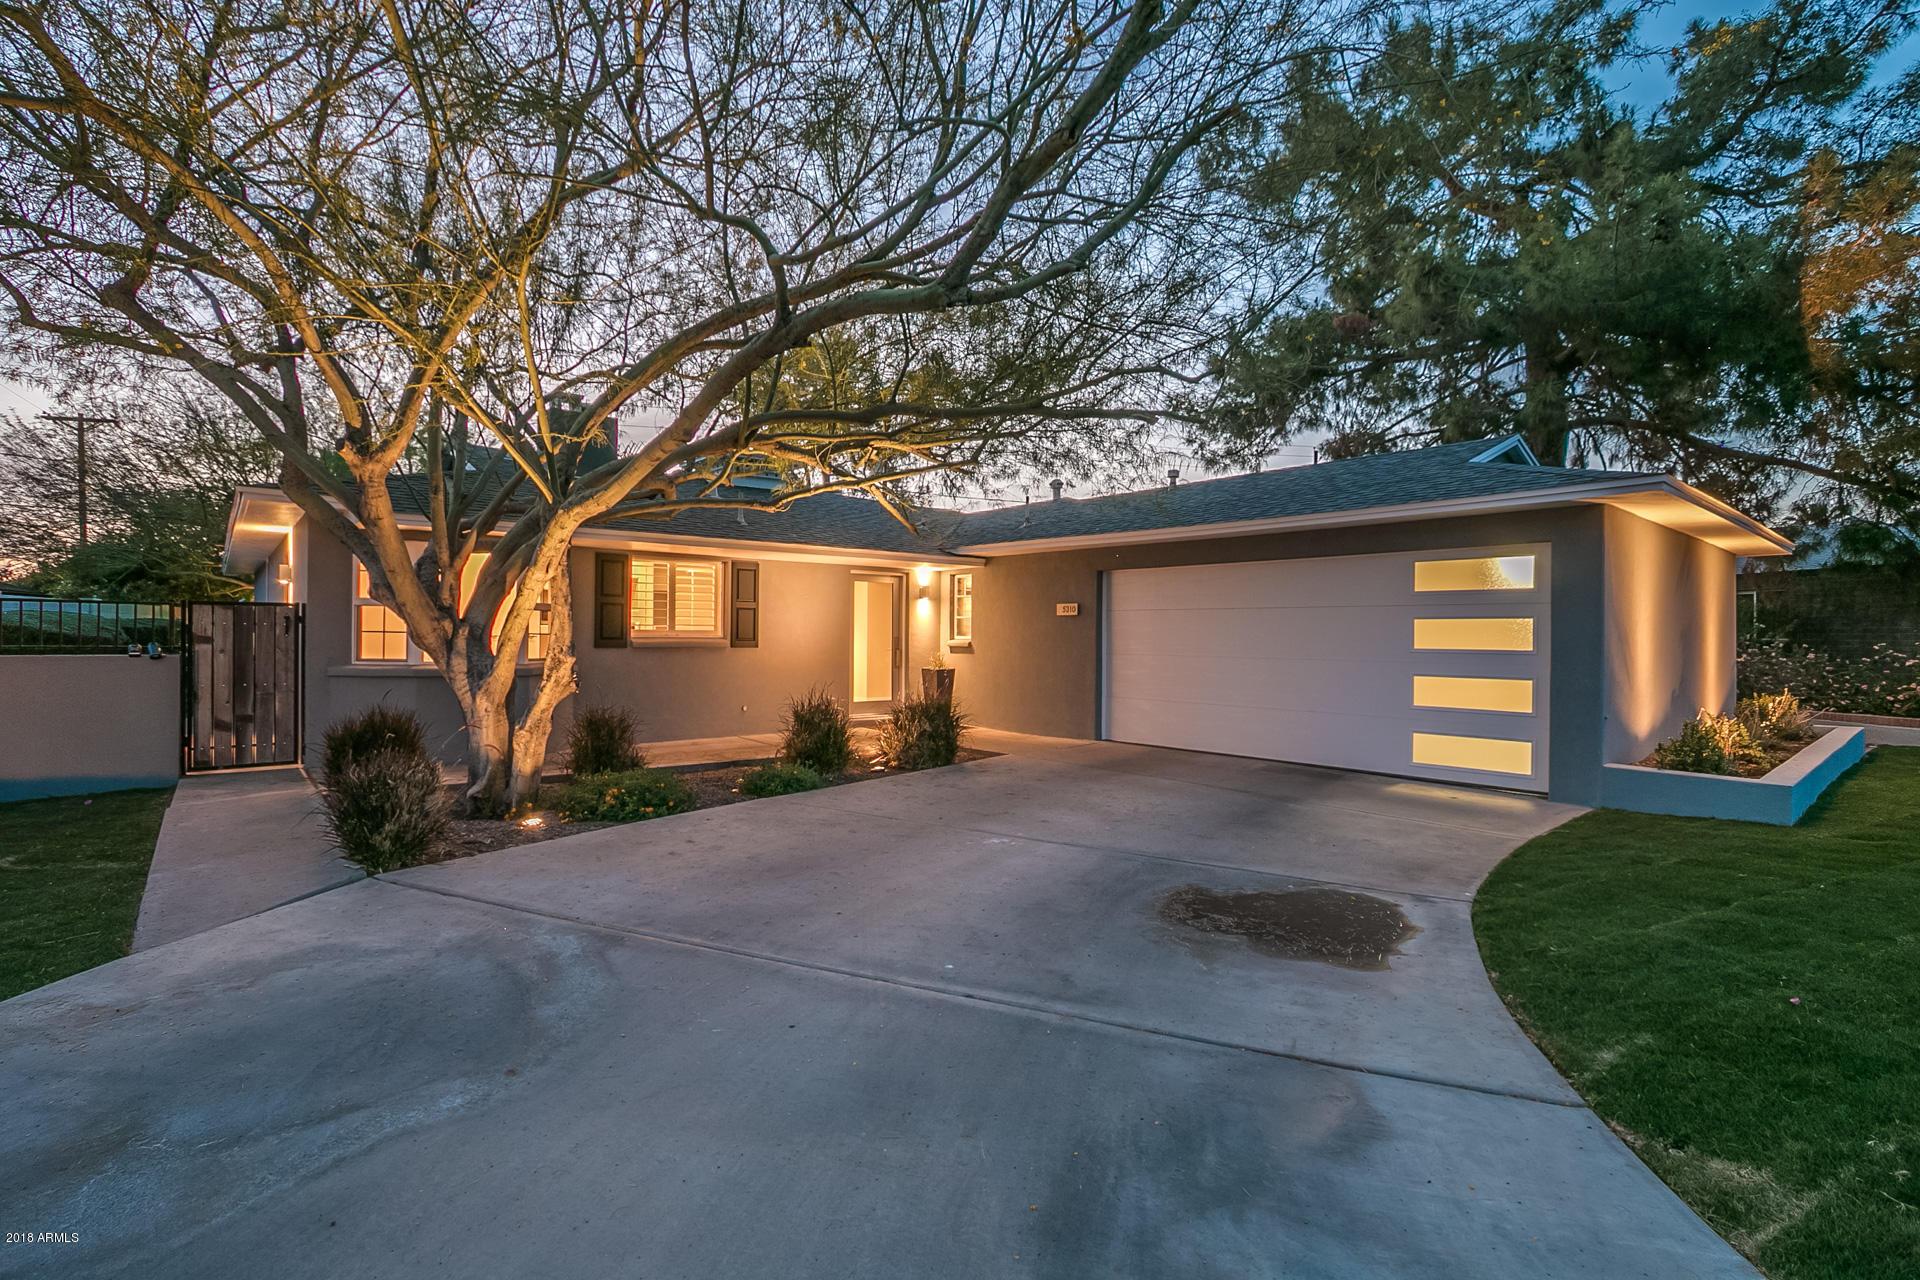 Photo of 5310 N 33rd Street, Phoenix, AZ 85018